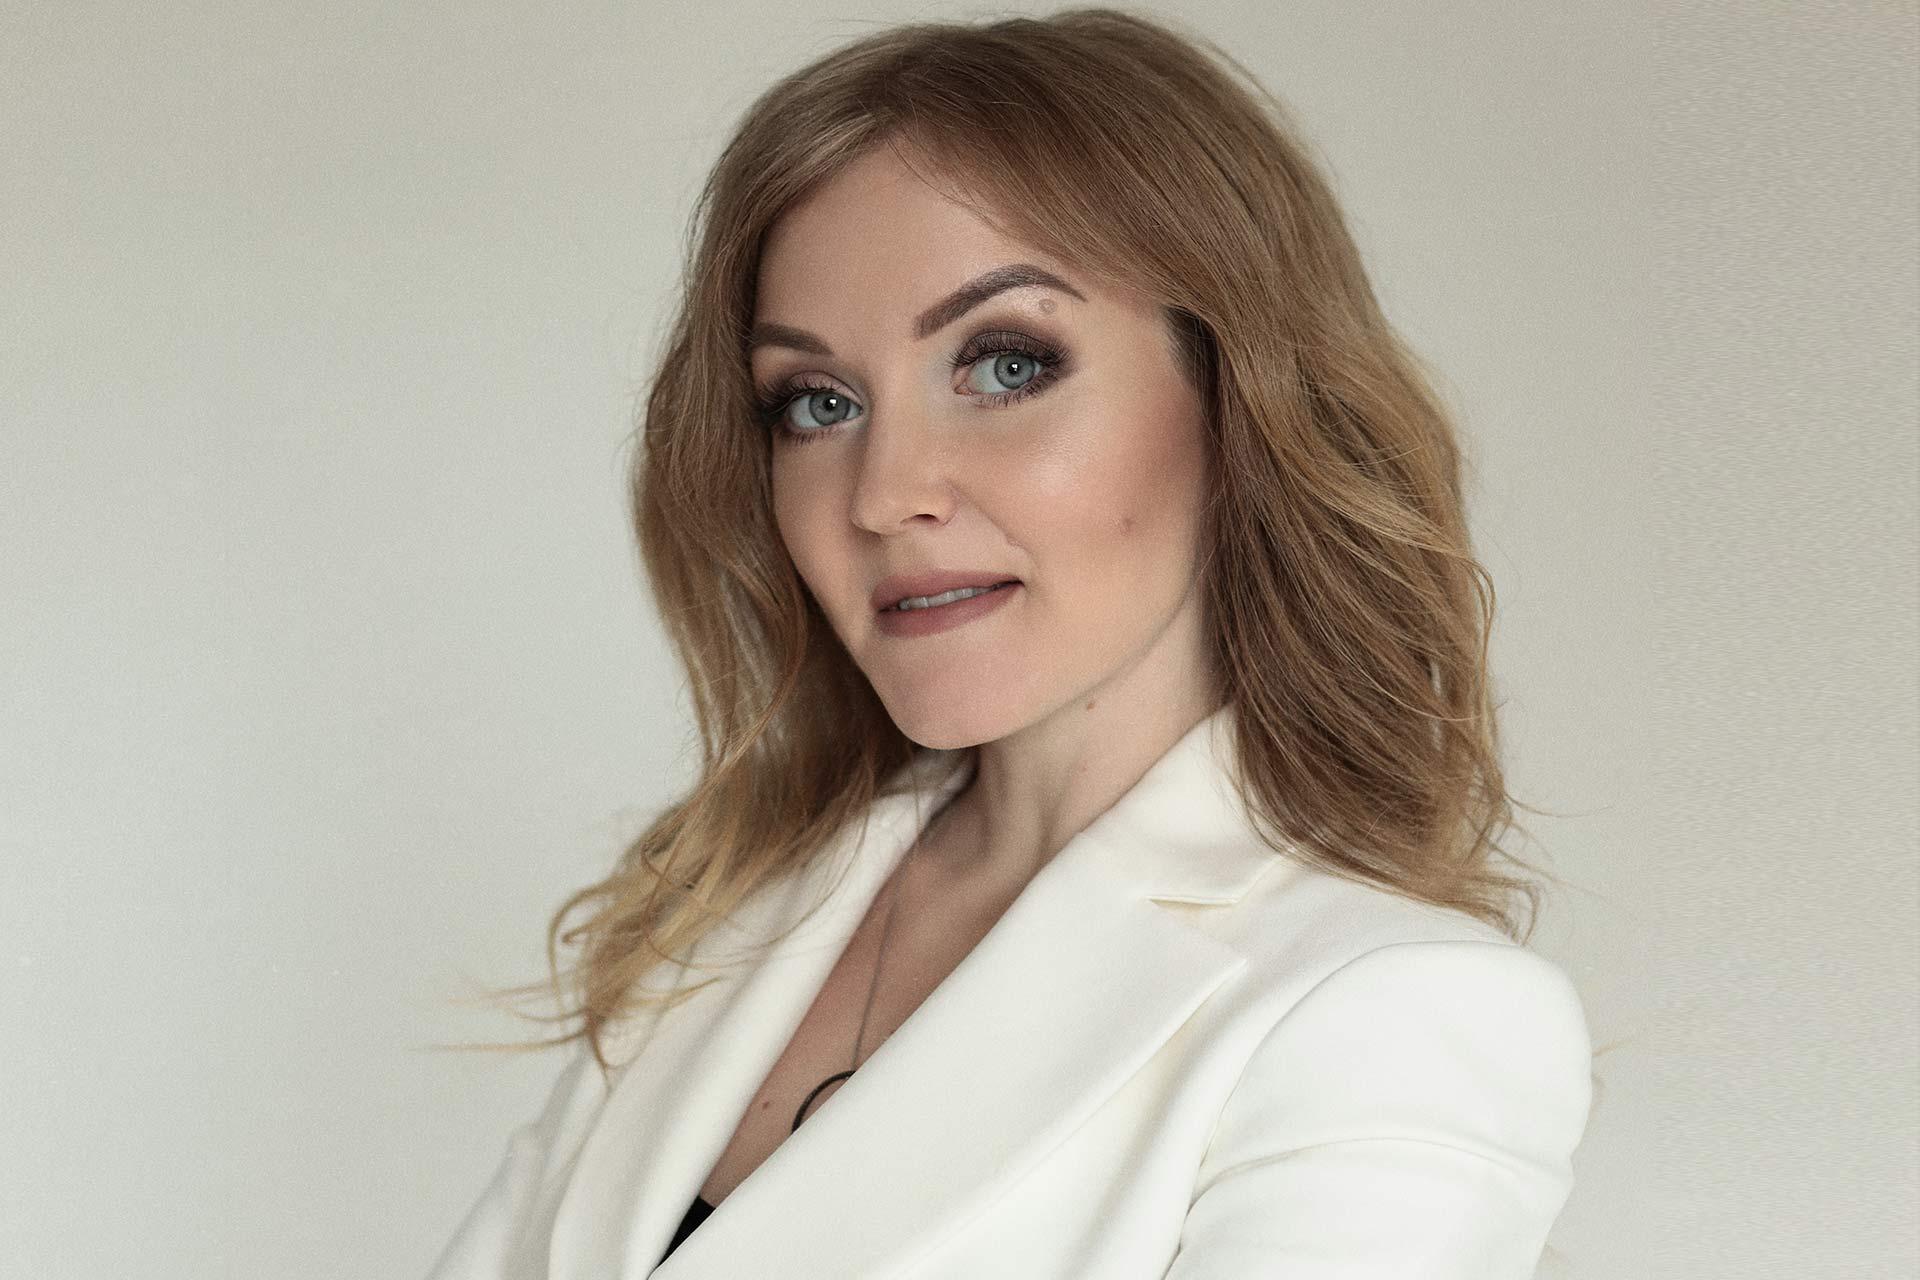 Екатерина Овчинникова - профессиональный продавец, HR, руководитель